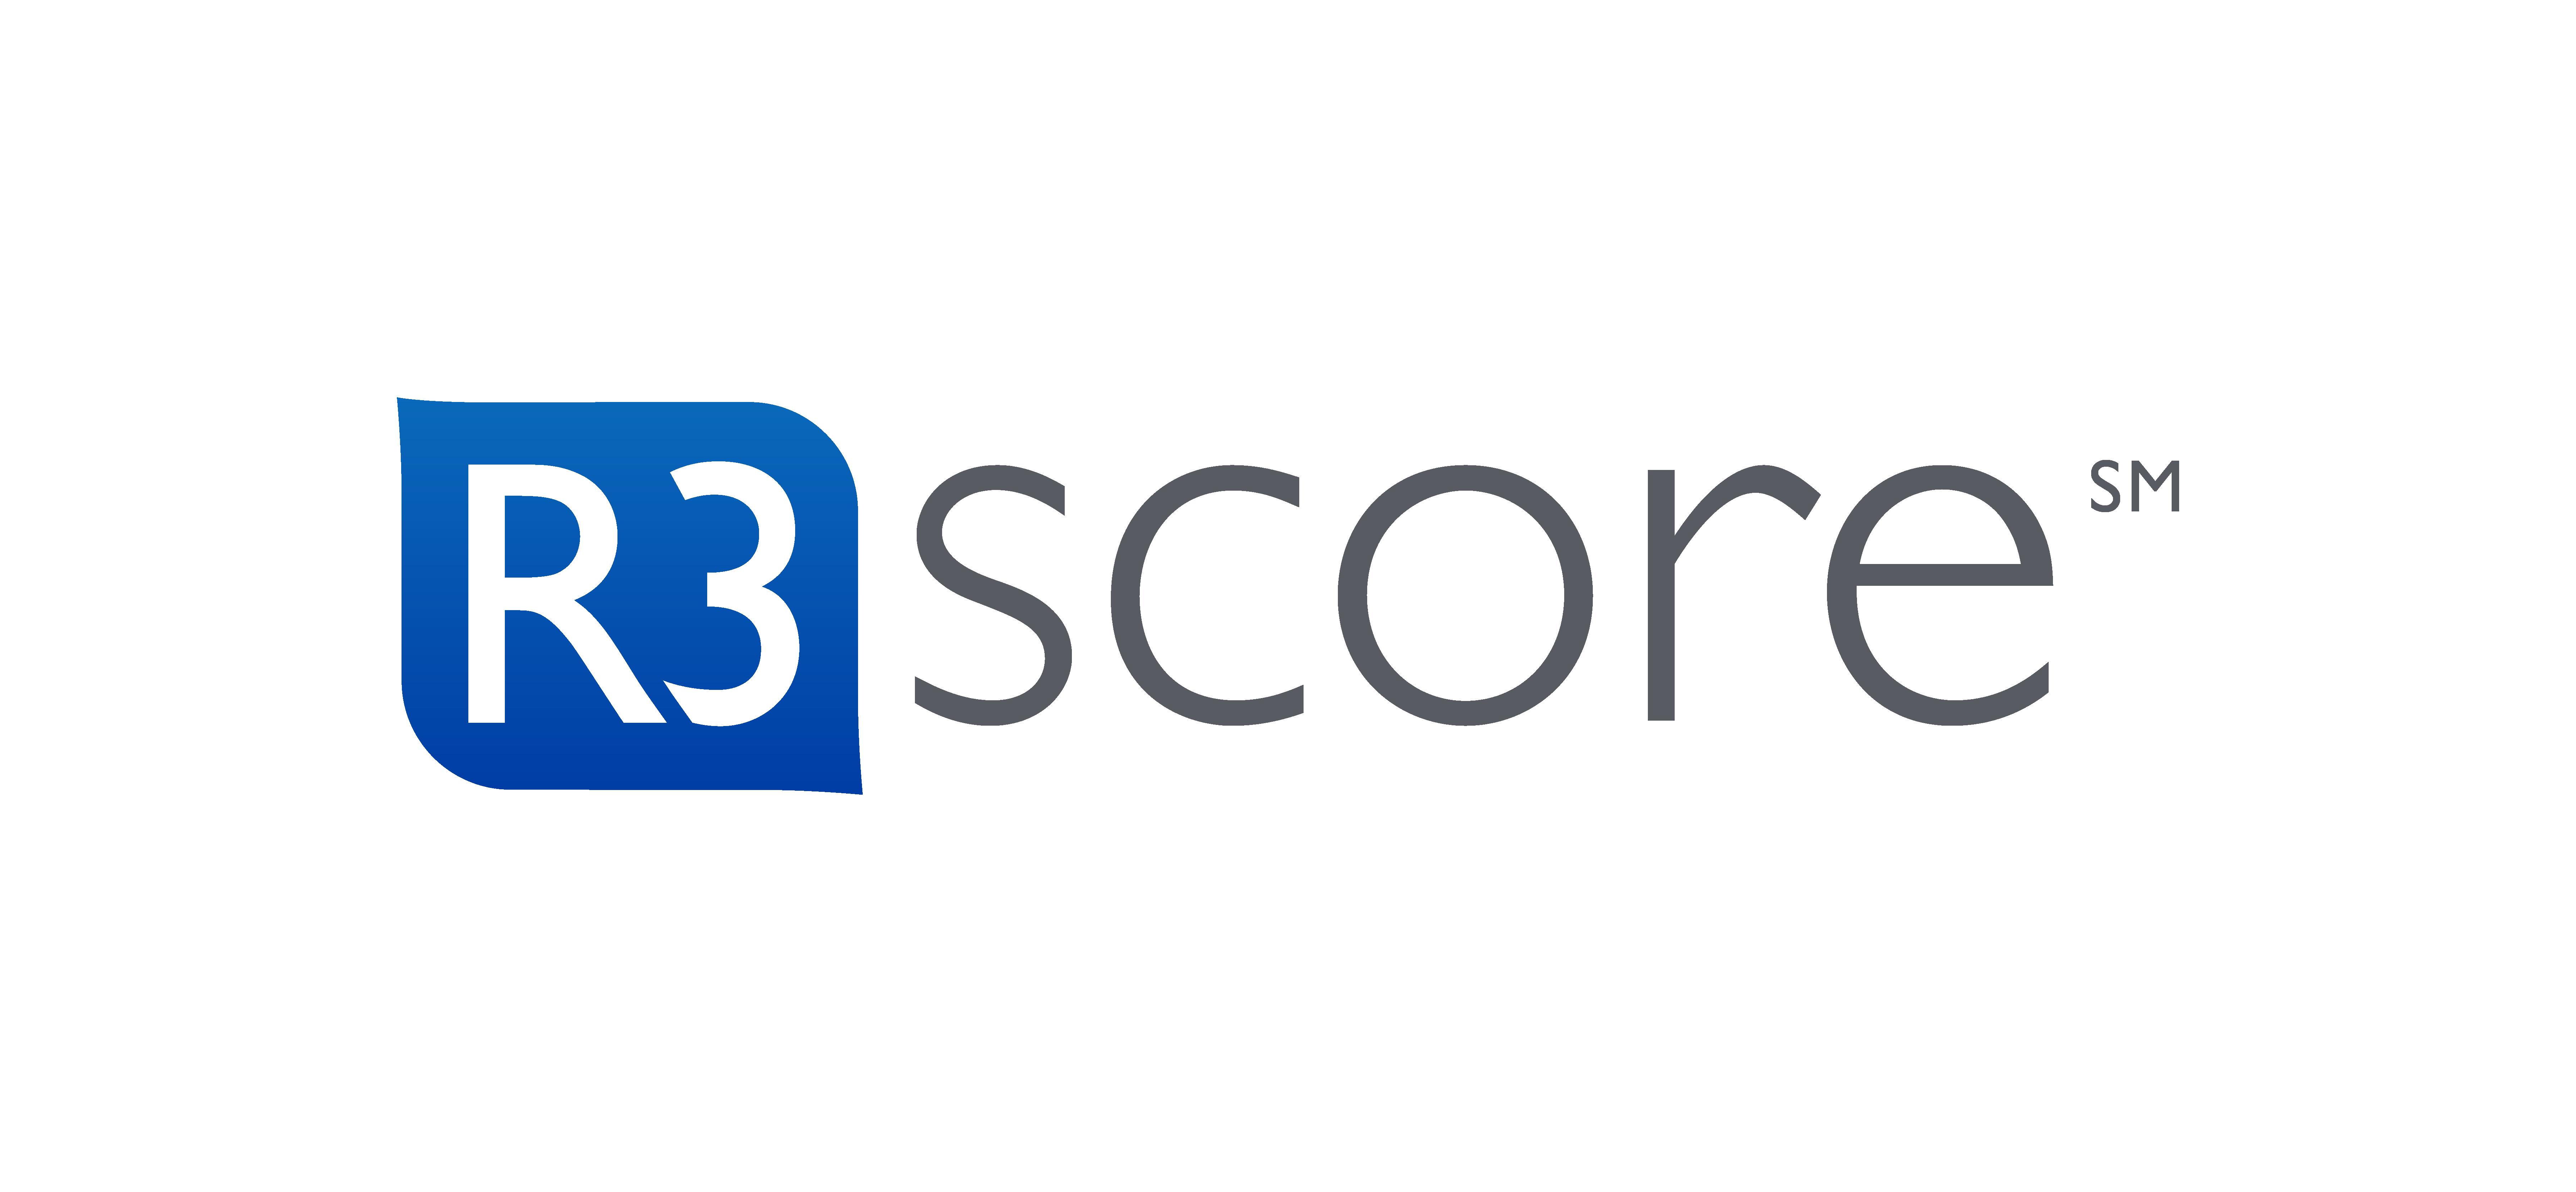 R3Score